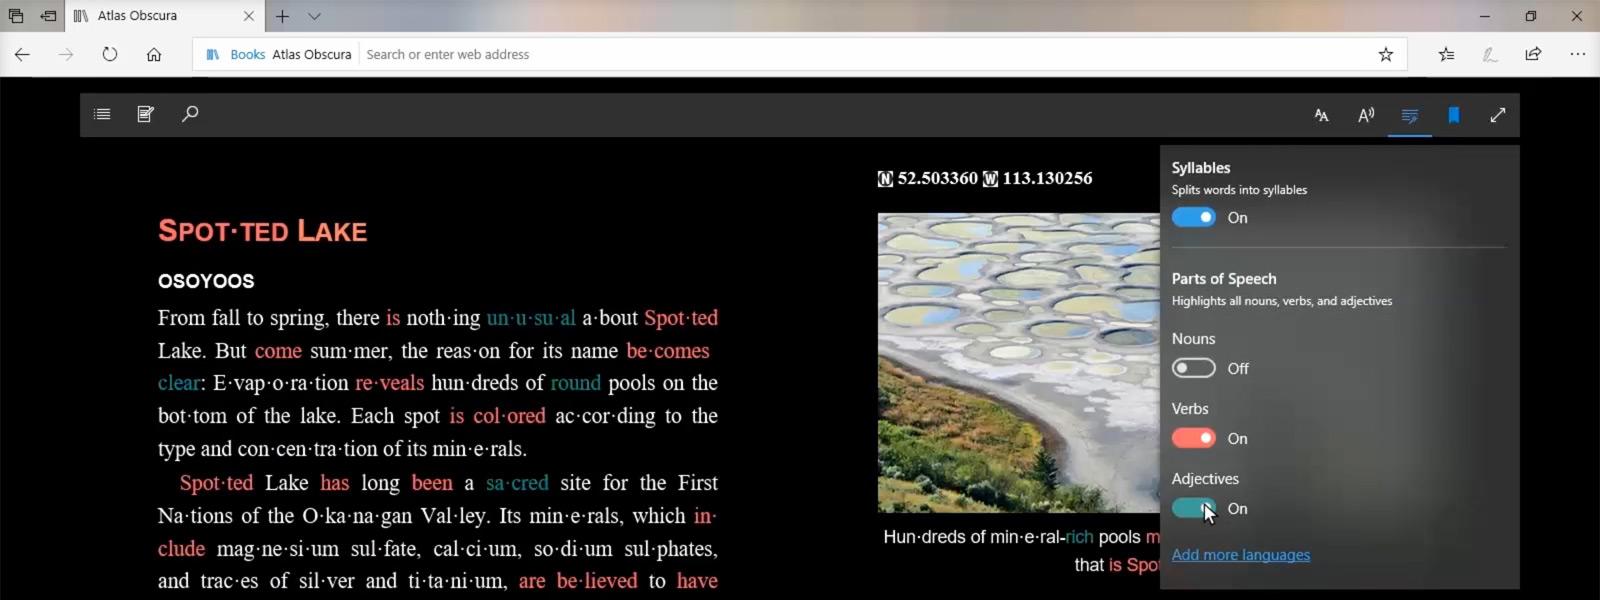 Image d'un écran de la fonctionnalité Outils pédagogiques où les noms, verbes et adjectifs sont mis en avant sur une page Web spécifique